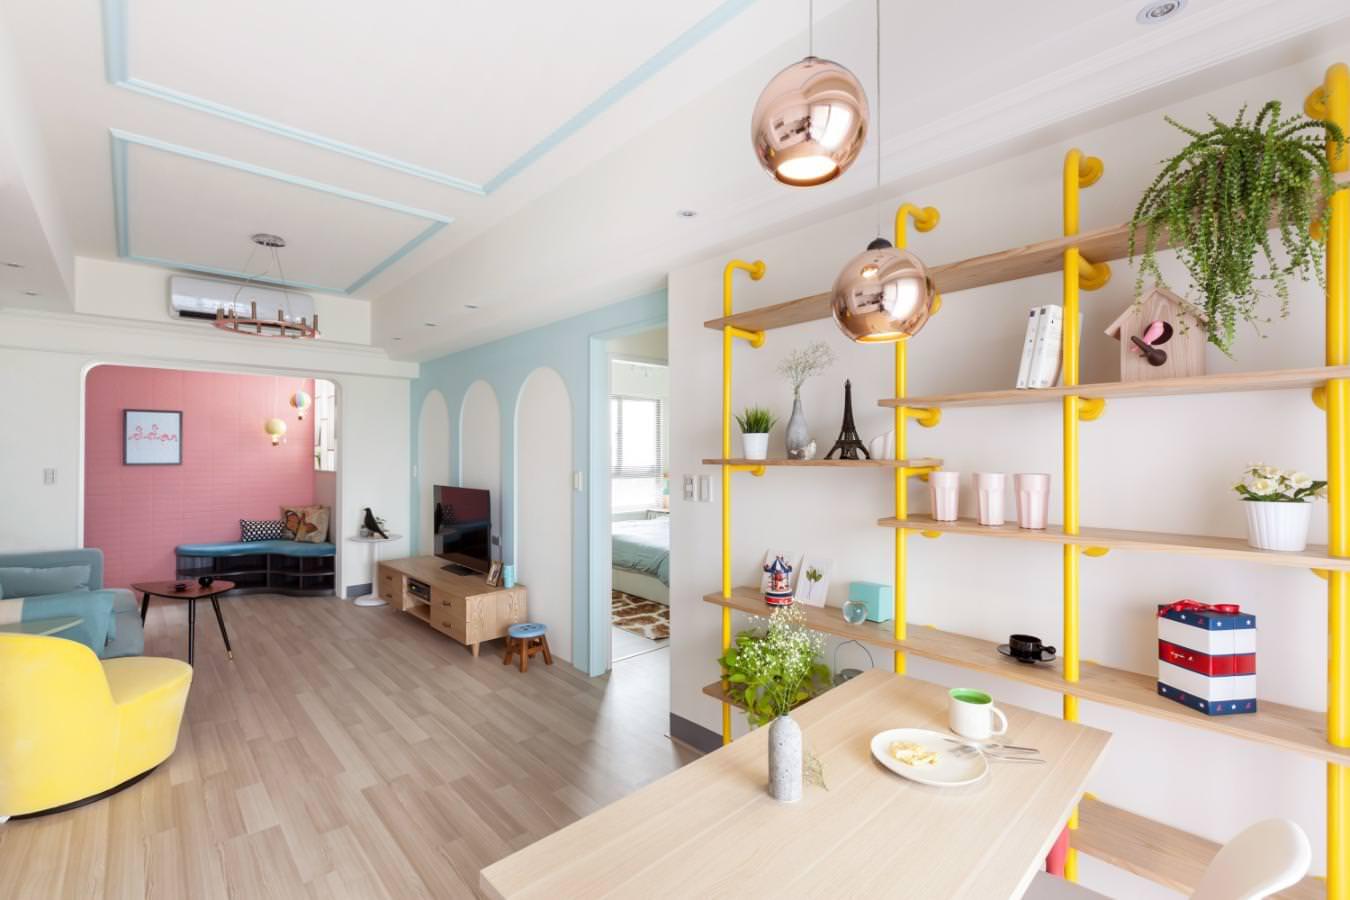 Fußboden Schlafzimmer ~ Ideen für ein schlafzimmer haupt schließen fußboden pläne